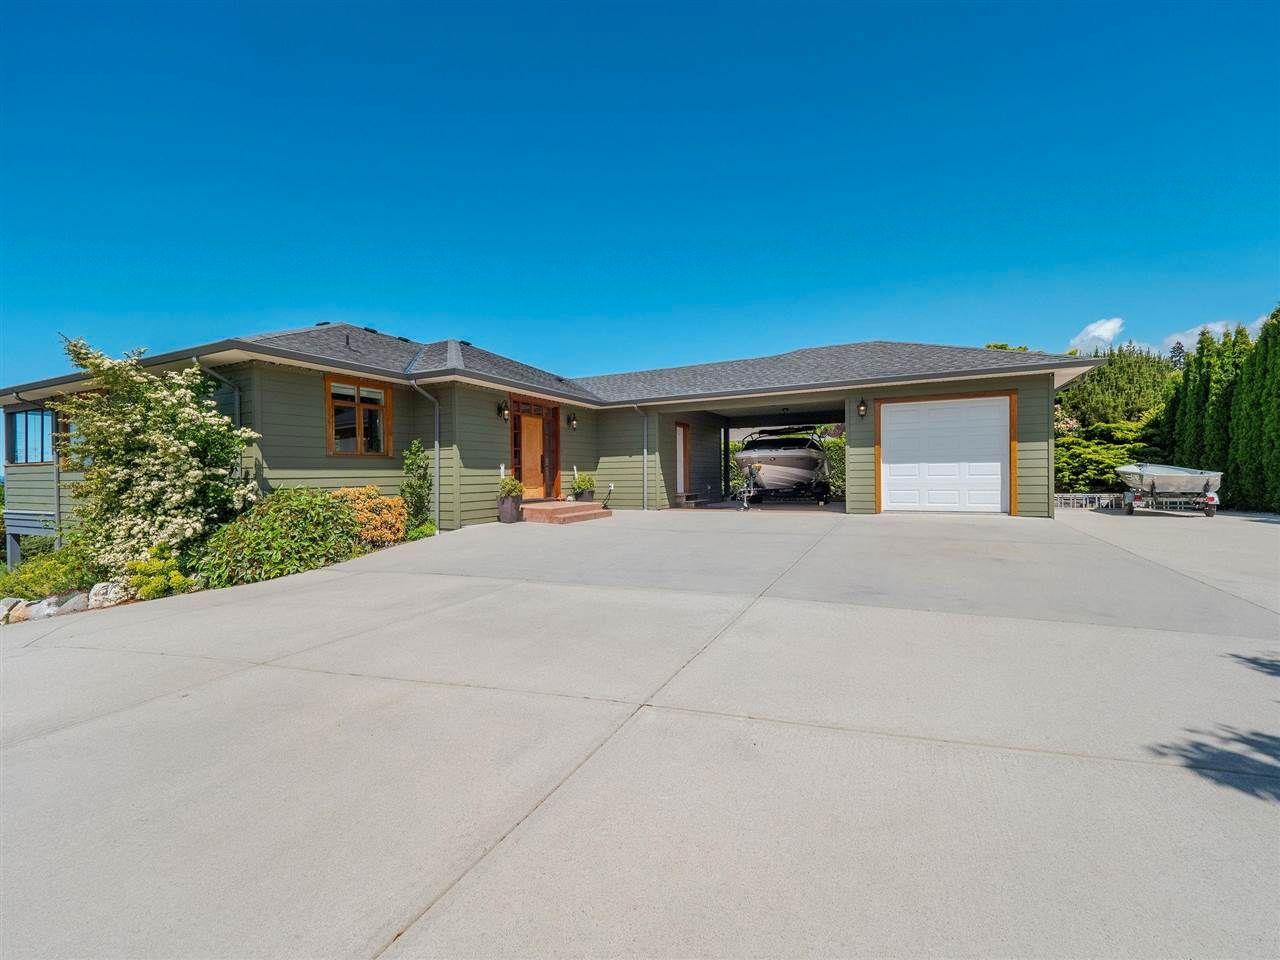 Main Photo: 4980 LAUREL Avenue in Sechelt: Sechelt District House for sale (Sunshine Coast)  : MLS®# R2589236